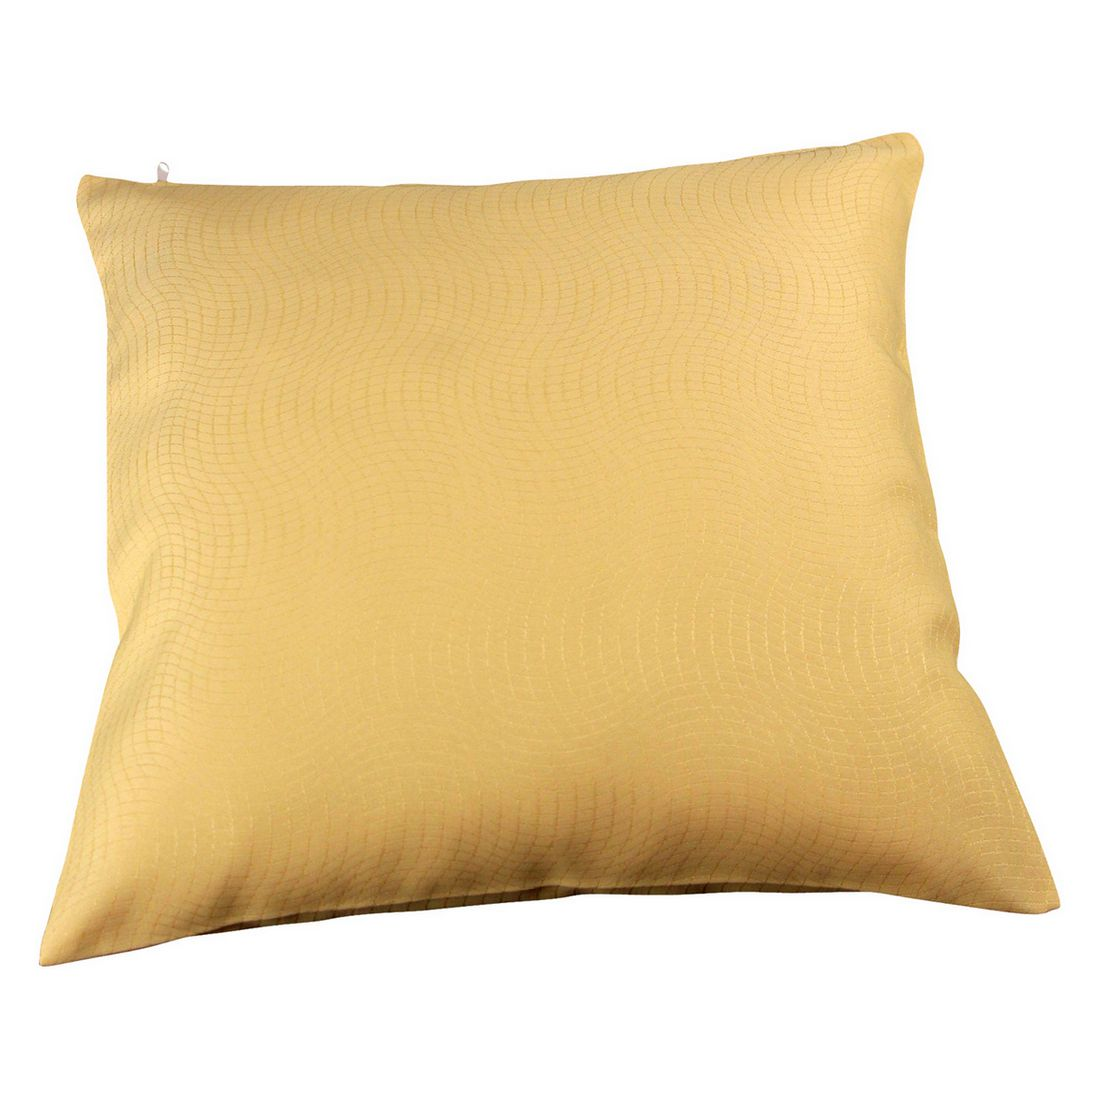 Kissenhülle Mosso (2er,4er oder 6er-Set) – Gelb – 50 x 50 cm – 6 Kissen, MiBiento Living günstig